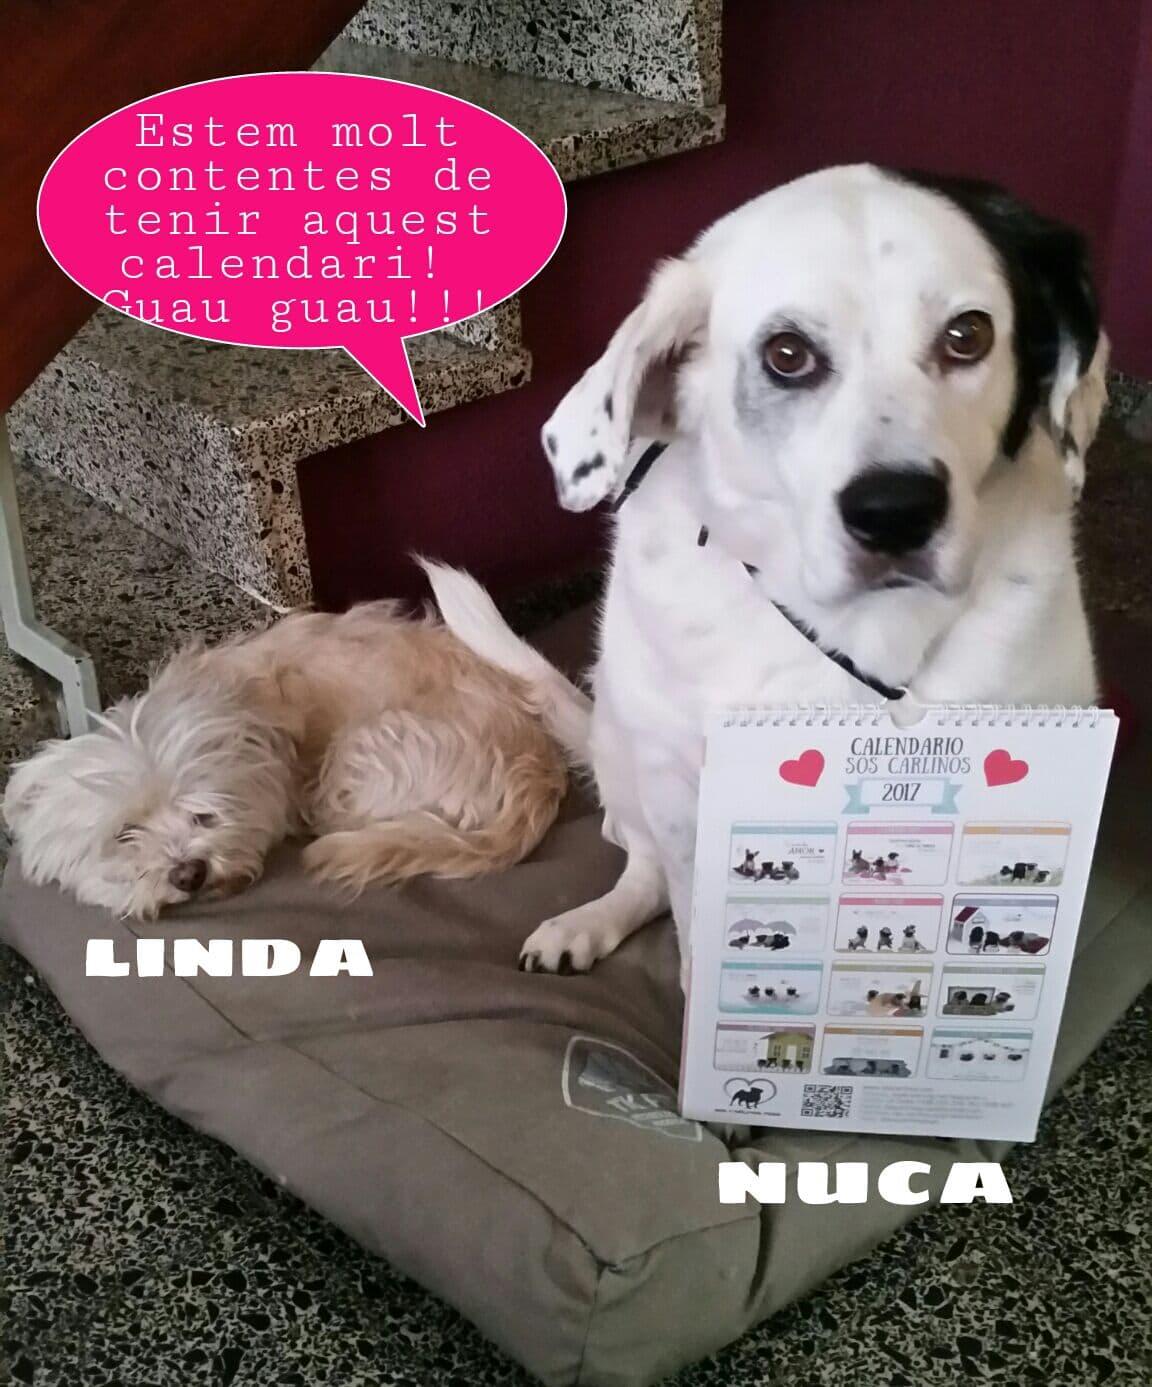 Linda & Nuca